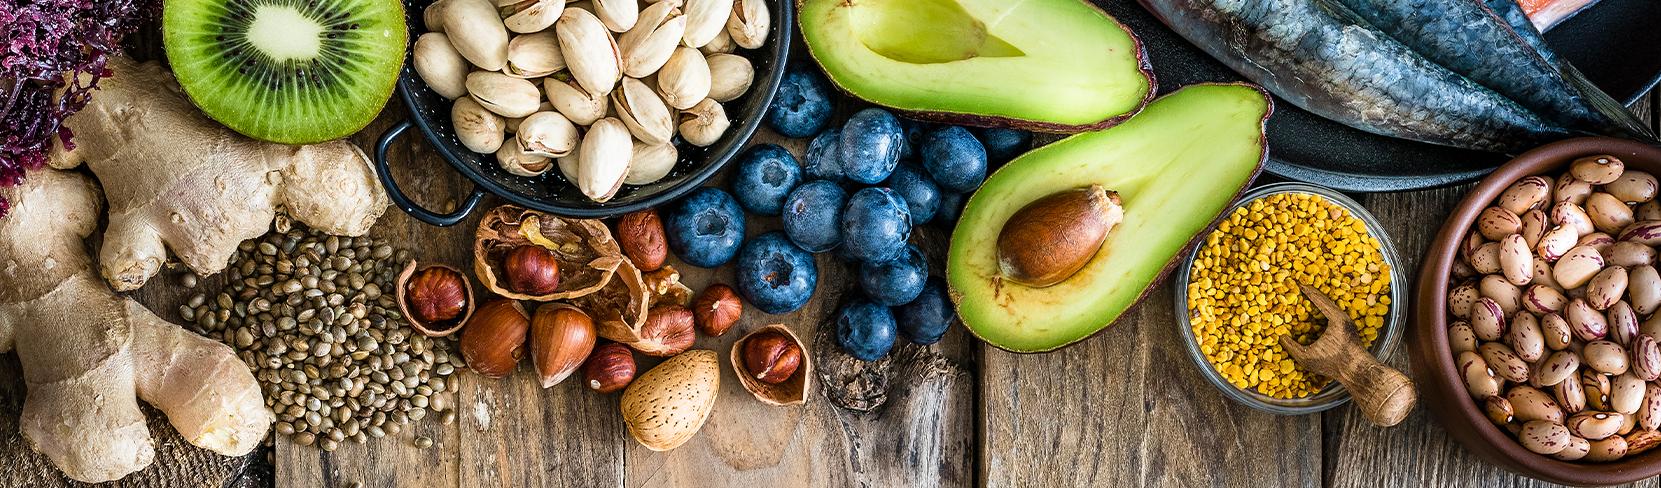 HealthyDiet-Blog